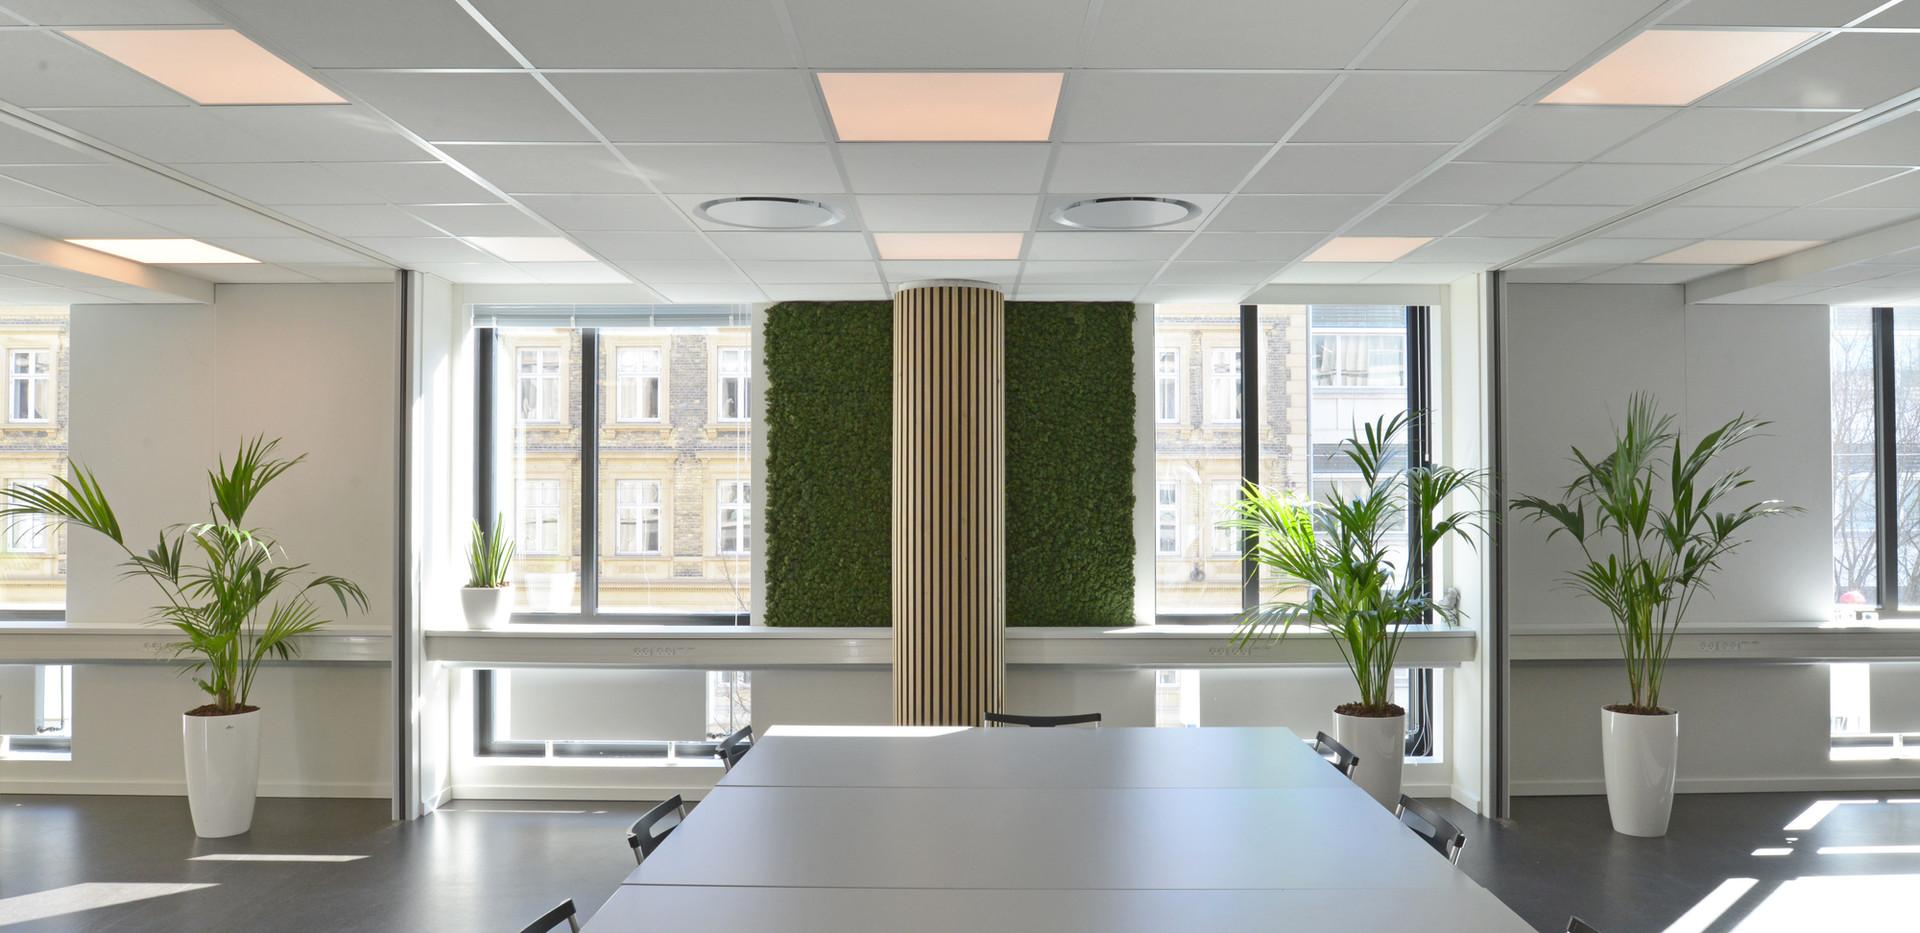 Akustikløsningen i det midterste møderum, når der er åbent til alle tre mødelokaler